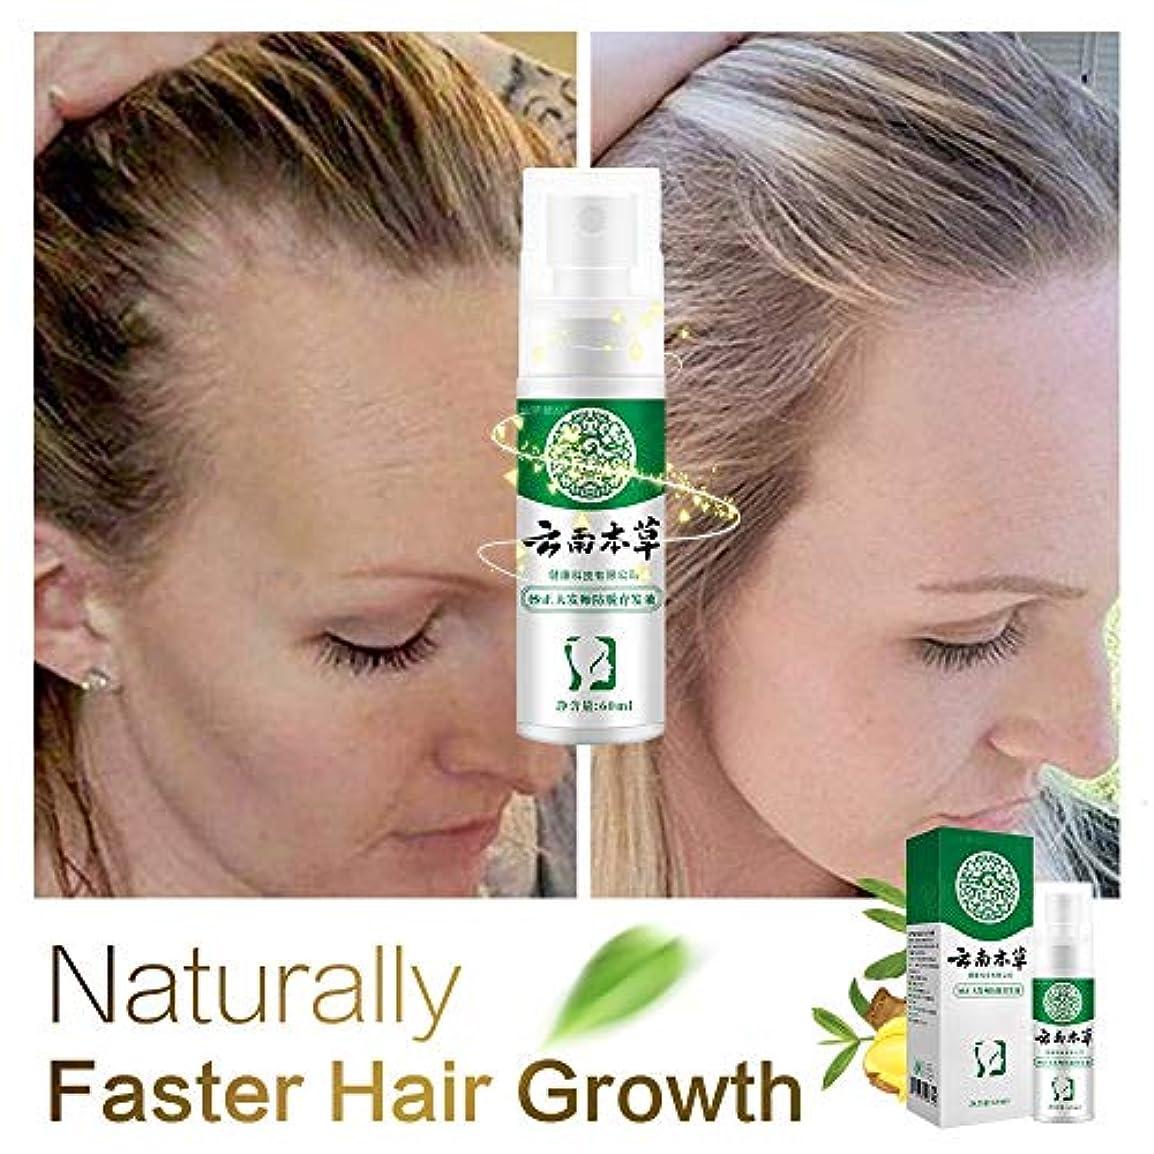 大きなスケールで見るとコックカヌー育毛エッセンス抗脱毛治療エッセンシャルオイル液体スプレー栄養ルーツナチュラルヘアケア製品用男性女性60ミリリットル